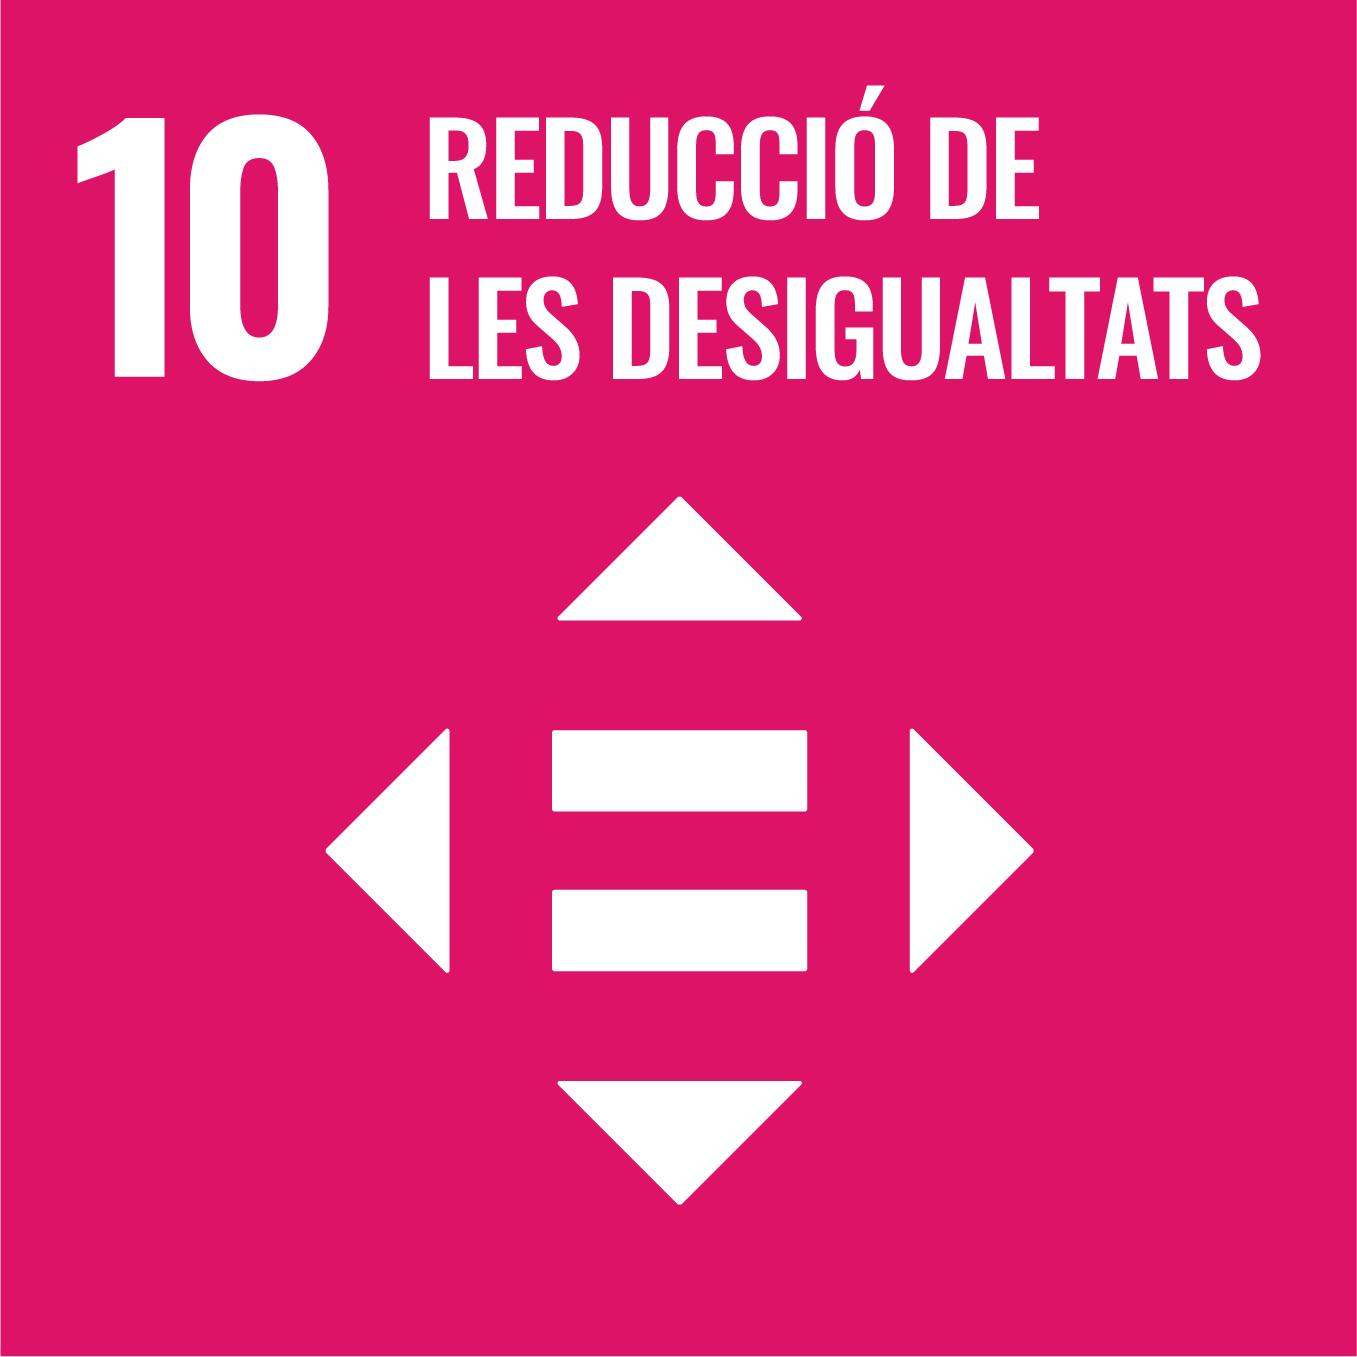 Reducció de les Desigualtats - Objectiu 10